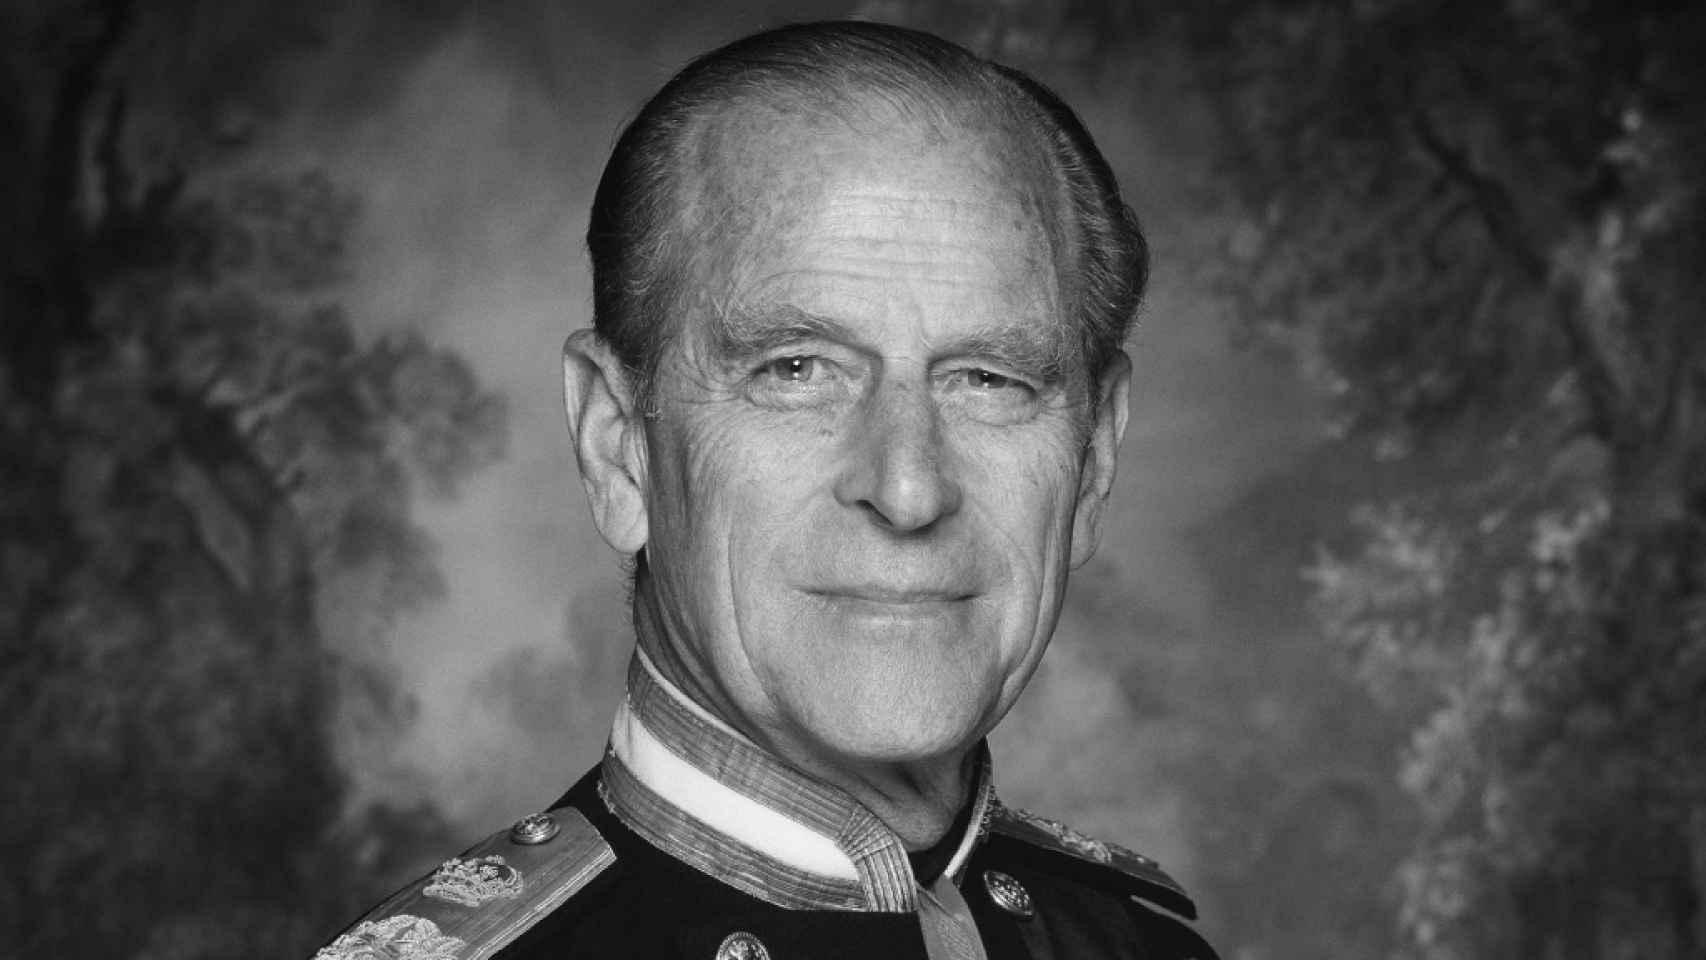 El duque de Edimburgo, en una imagen difundida por la Casa Real británica.